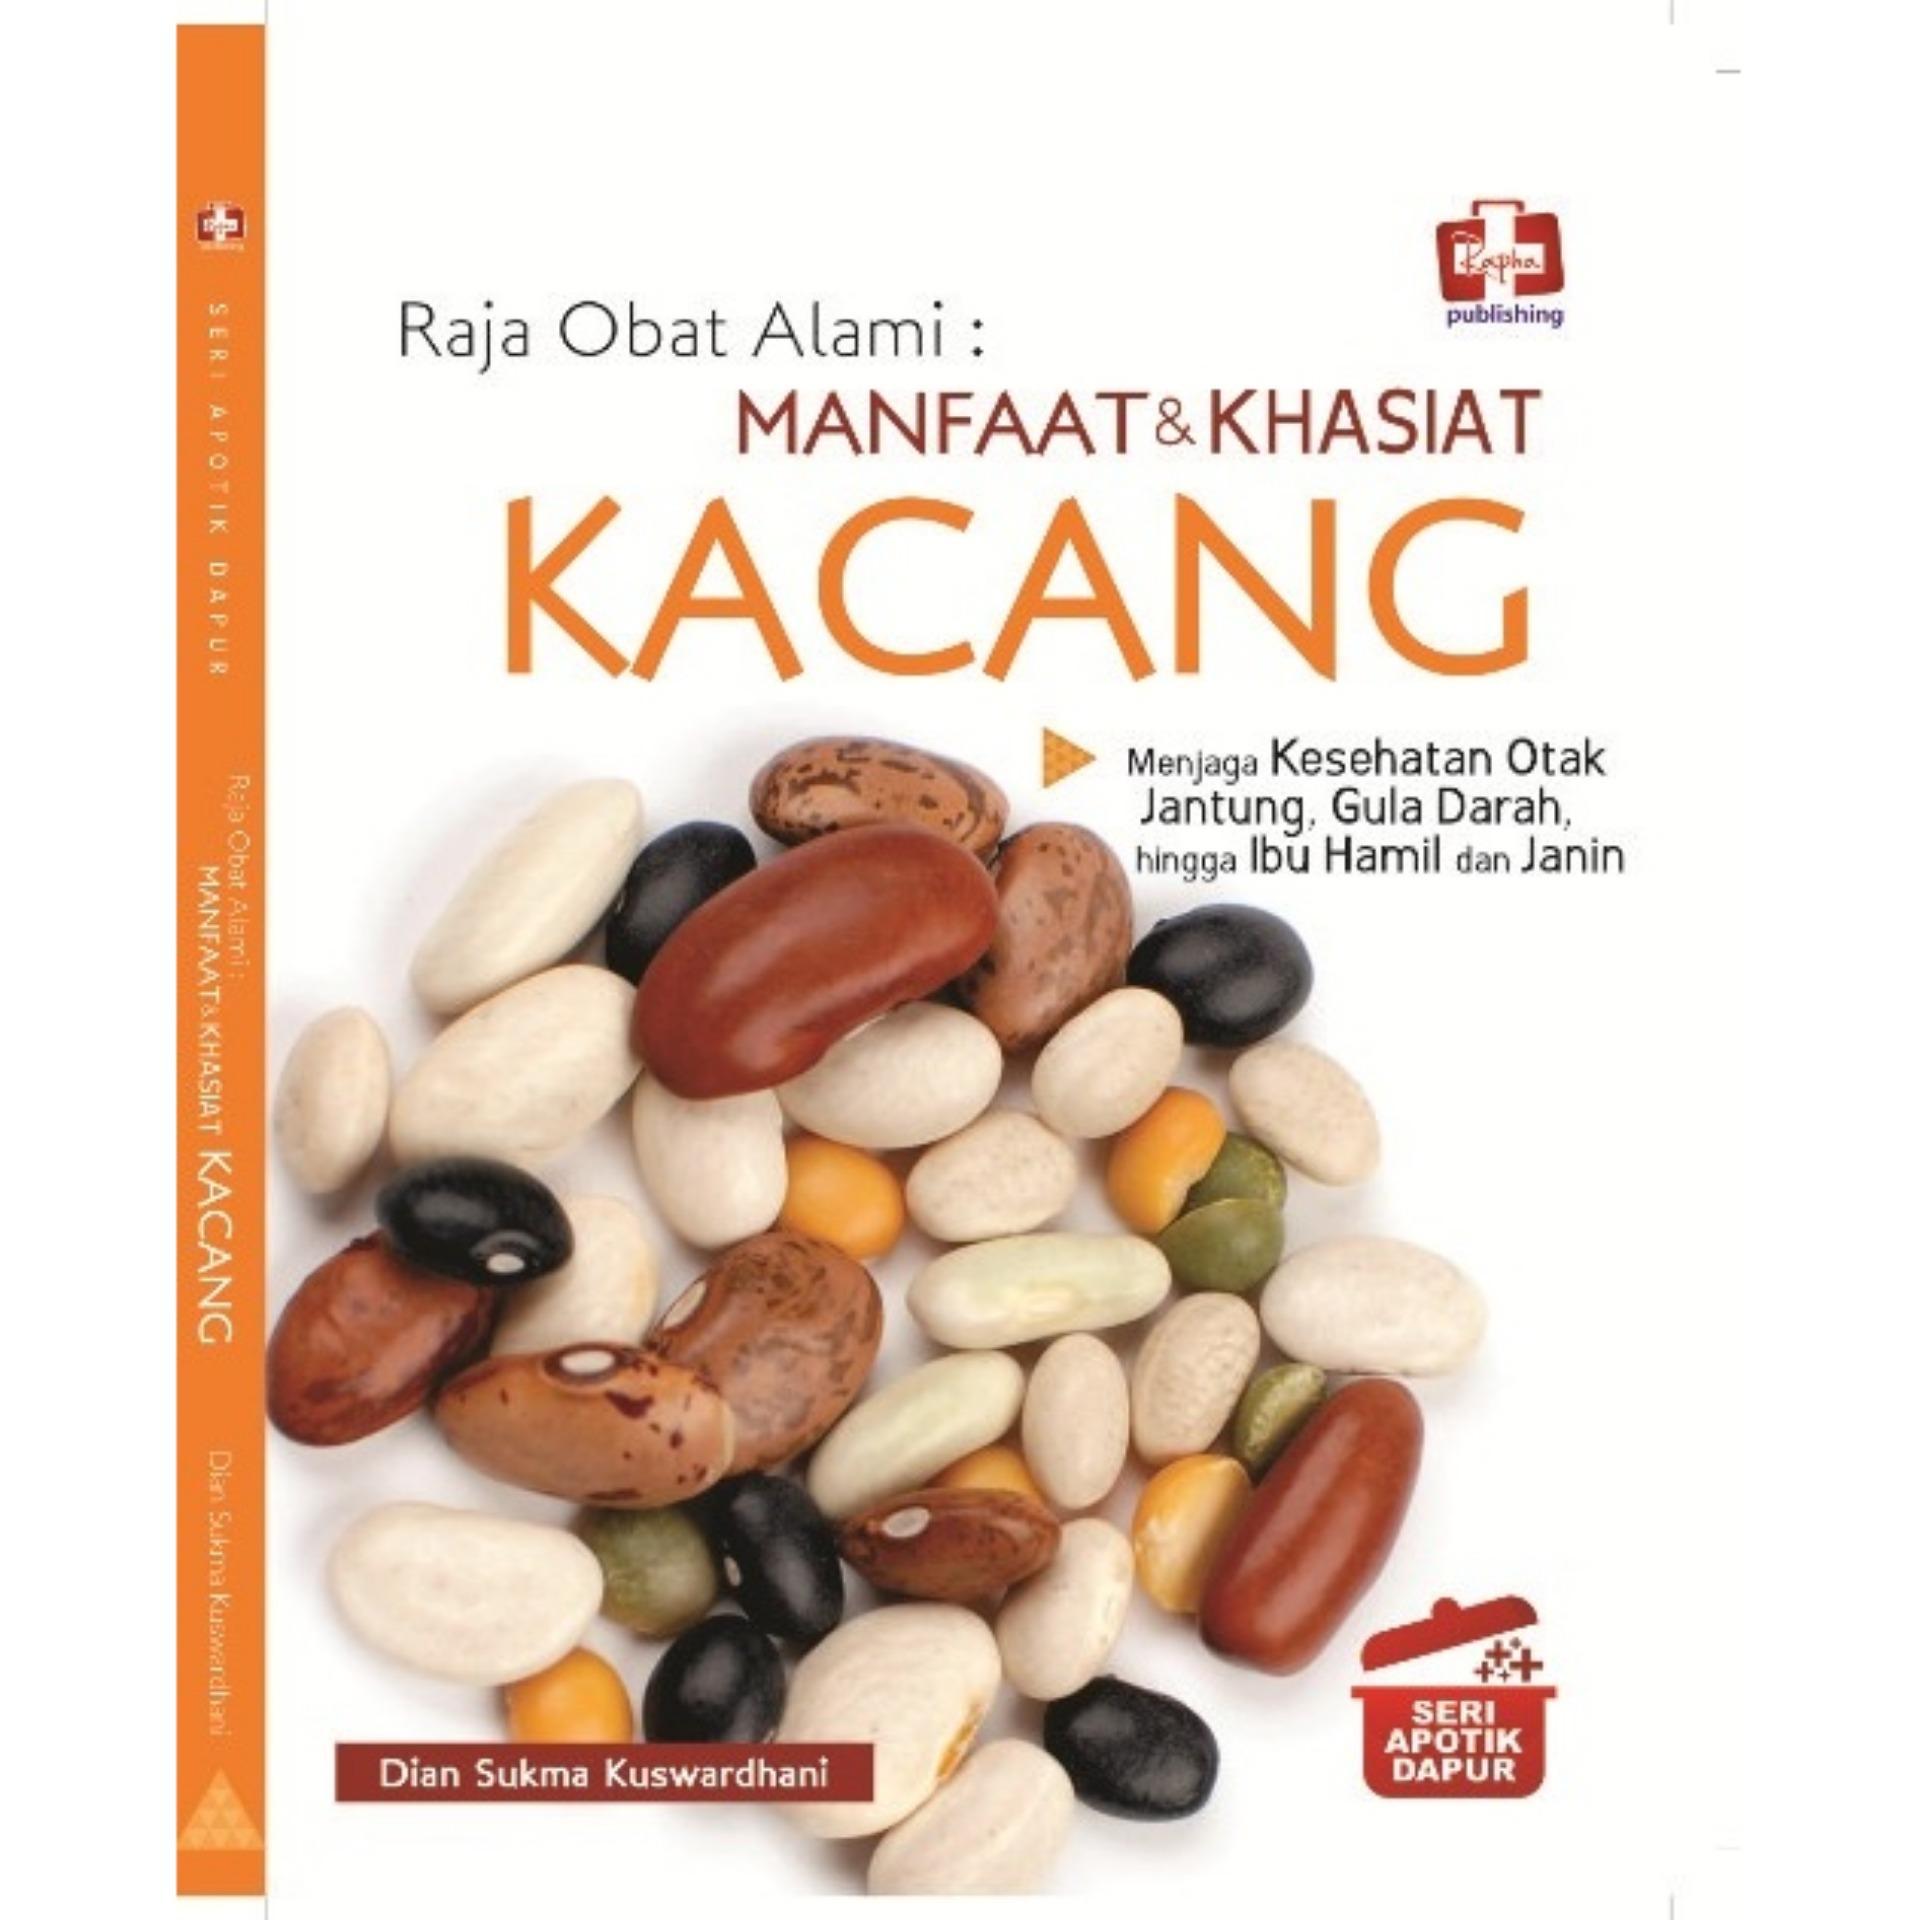 Seri Apotik Dapur: Raja Obat Alami: Manfaat & Khasiat Kacang, Menjaga Kesehatan Otak, Jantung, Gula Darah Hingga Ibu Hamil dan Janin